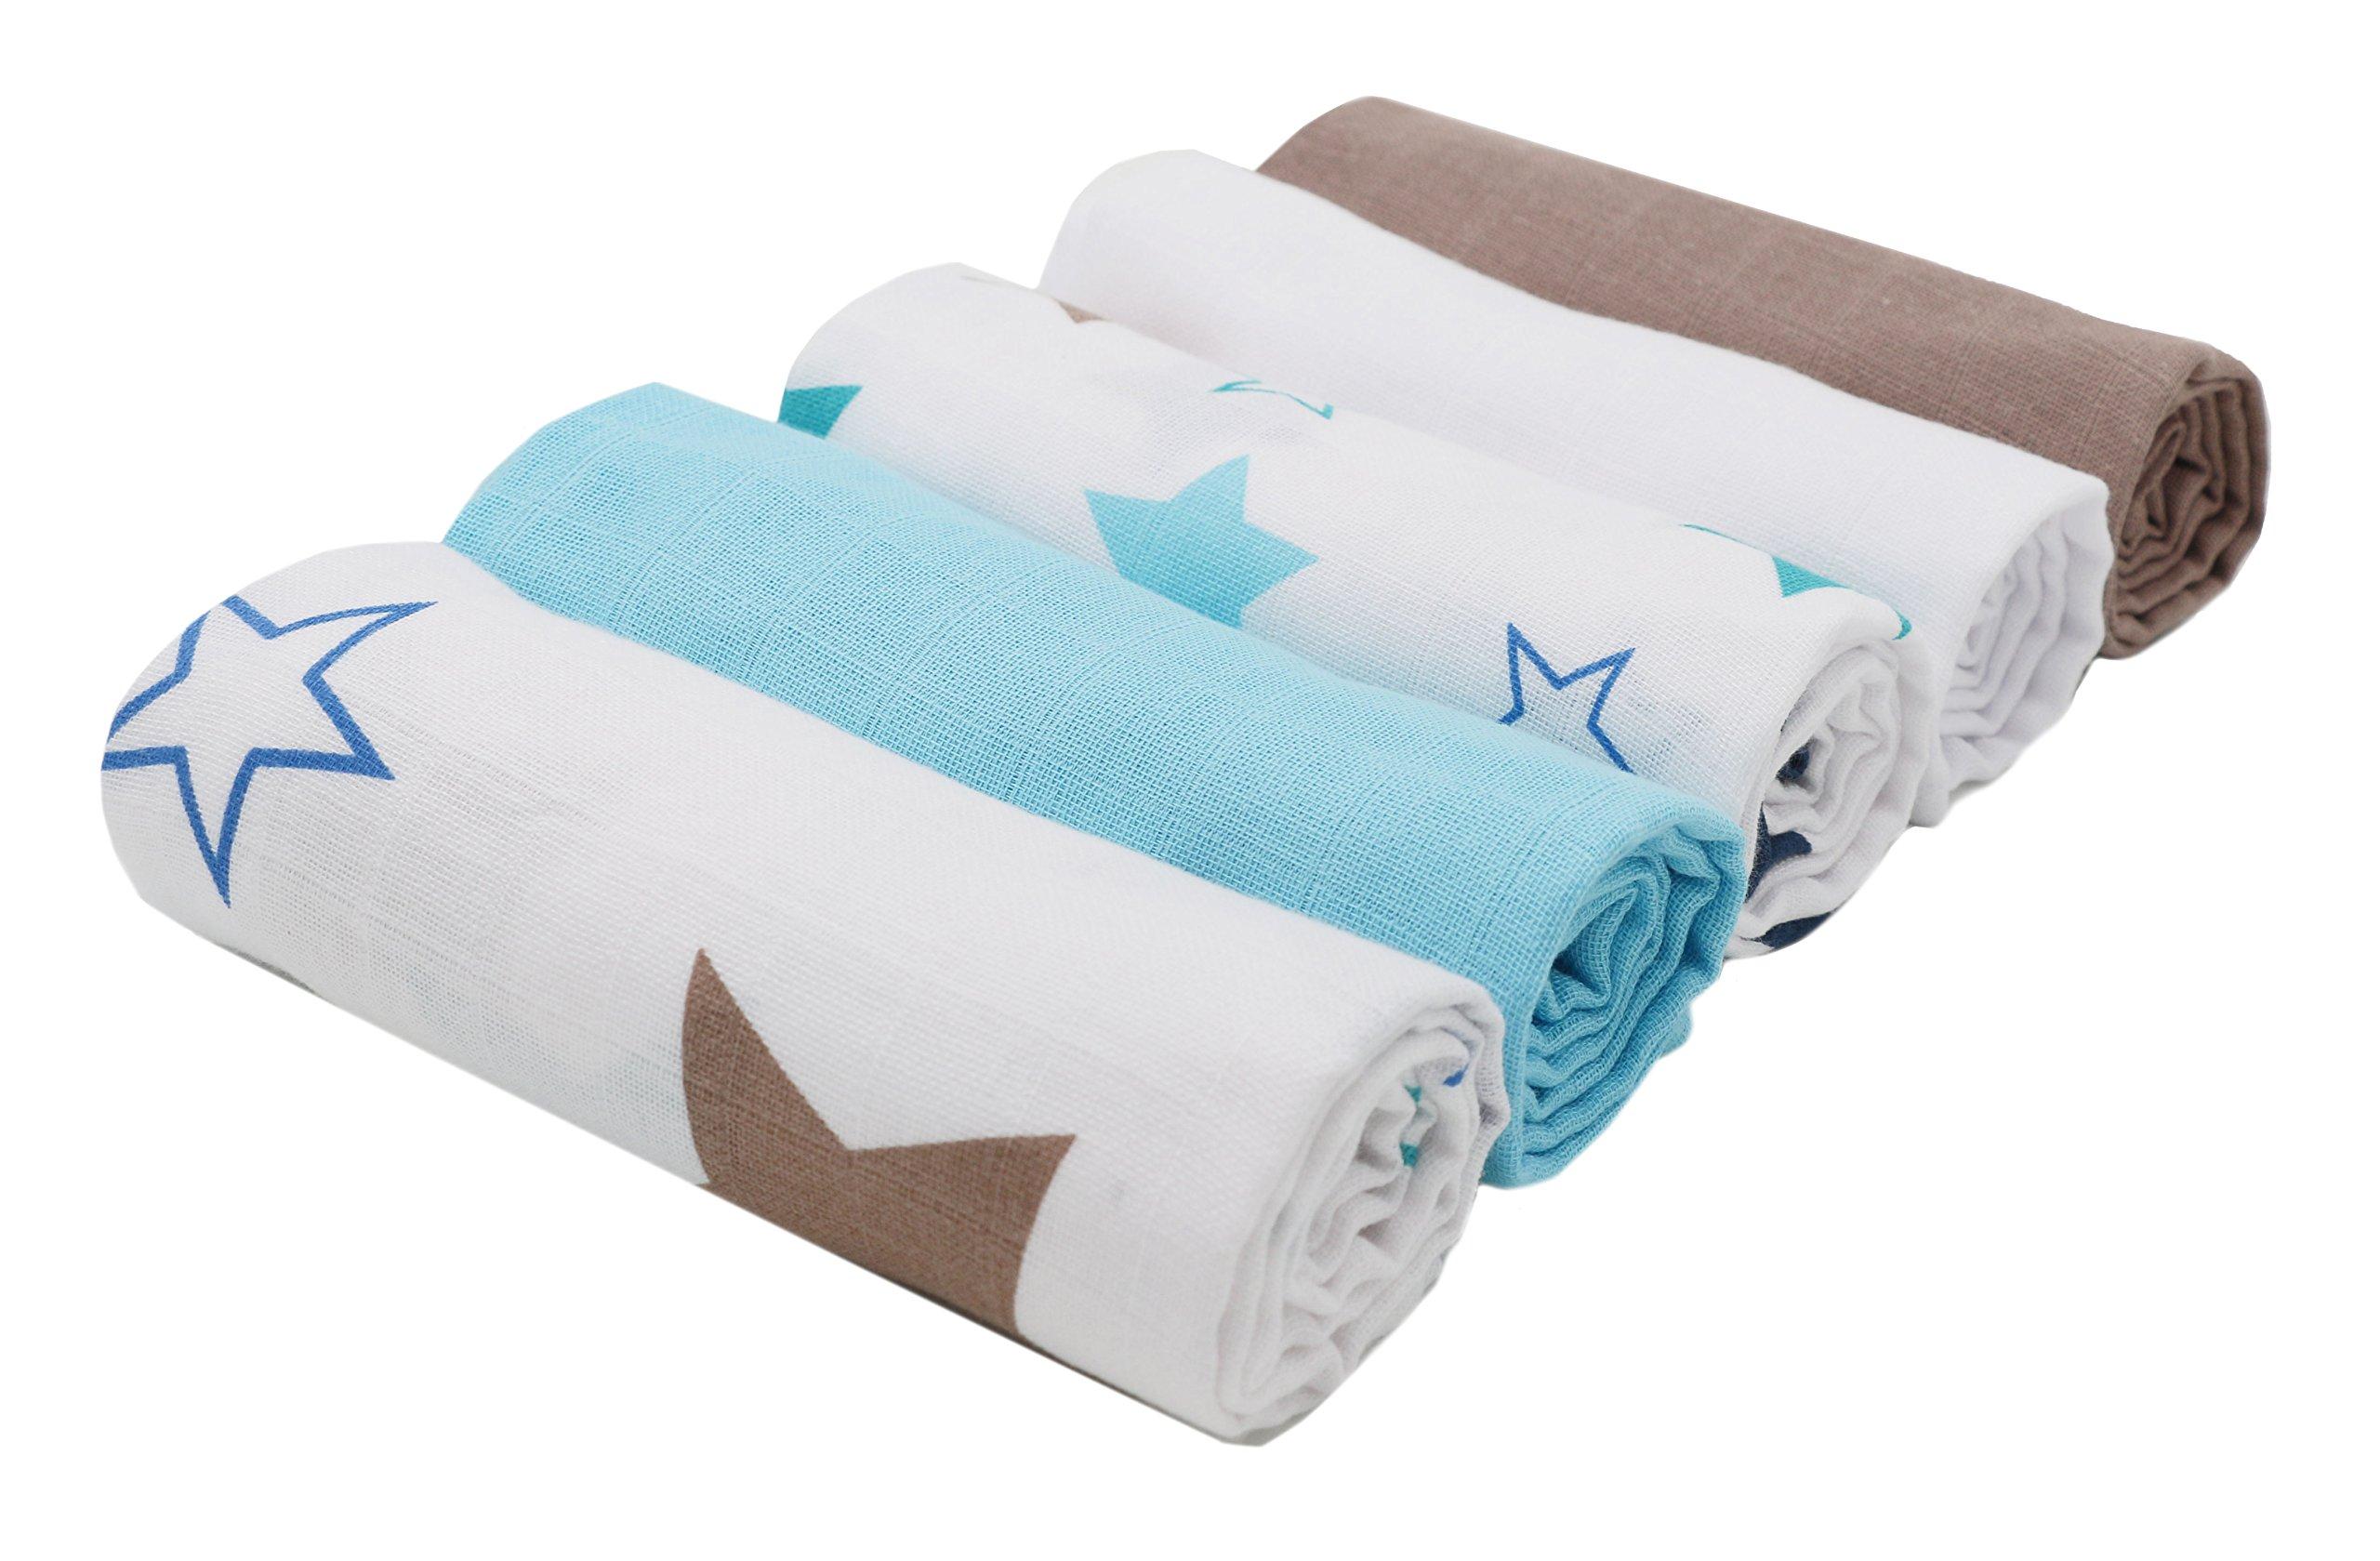 Zollner 5 muselinas para bebé de algodón, 70x70 cm, certificado Oekotex product image